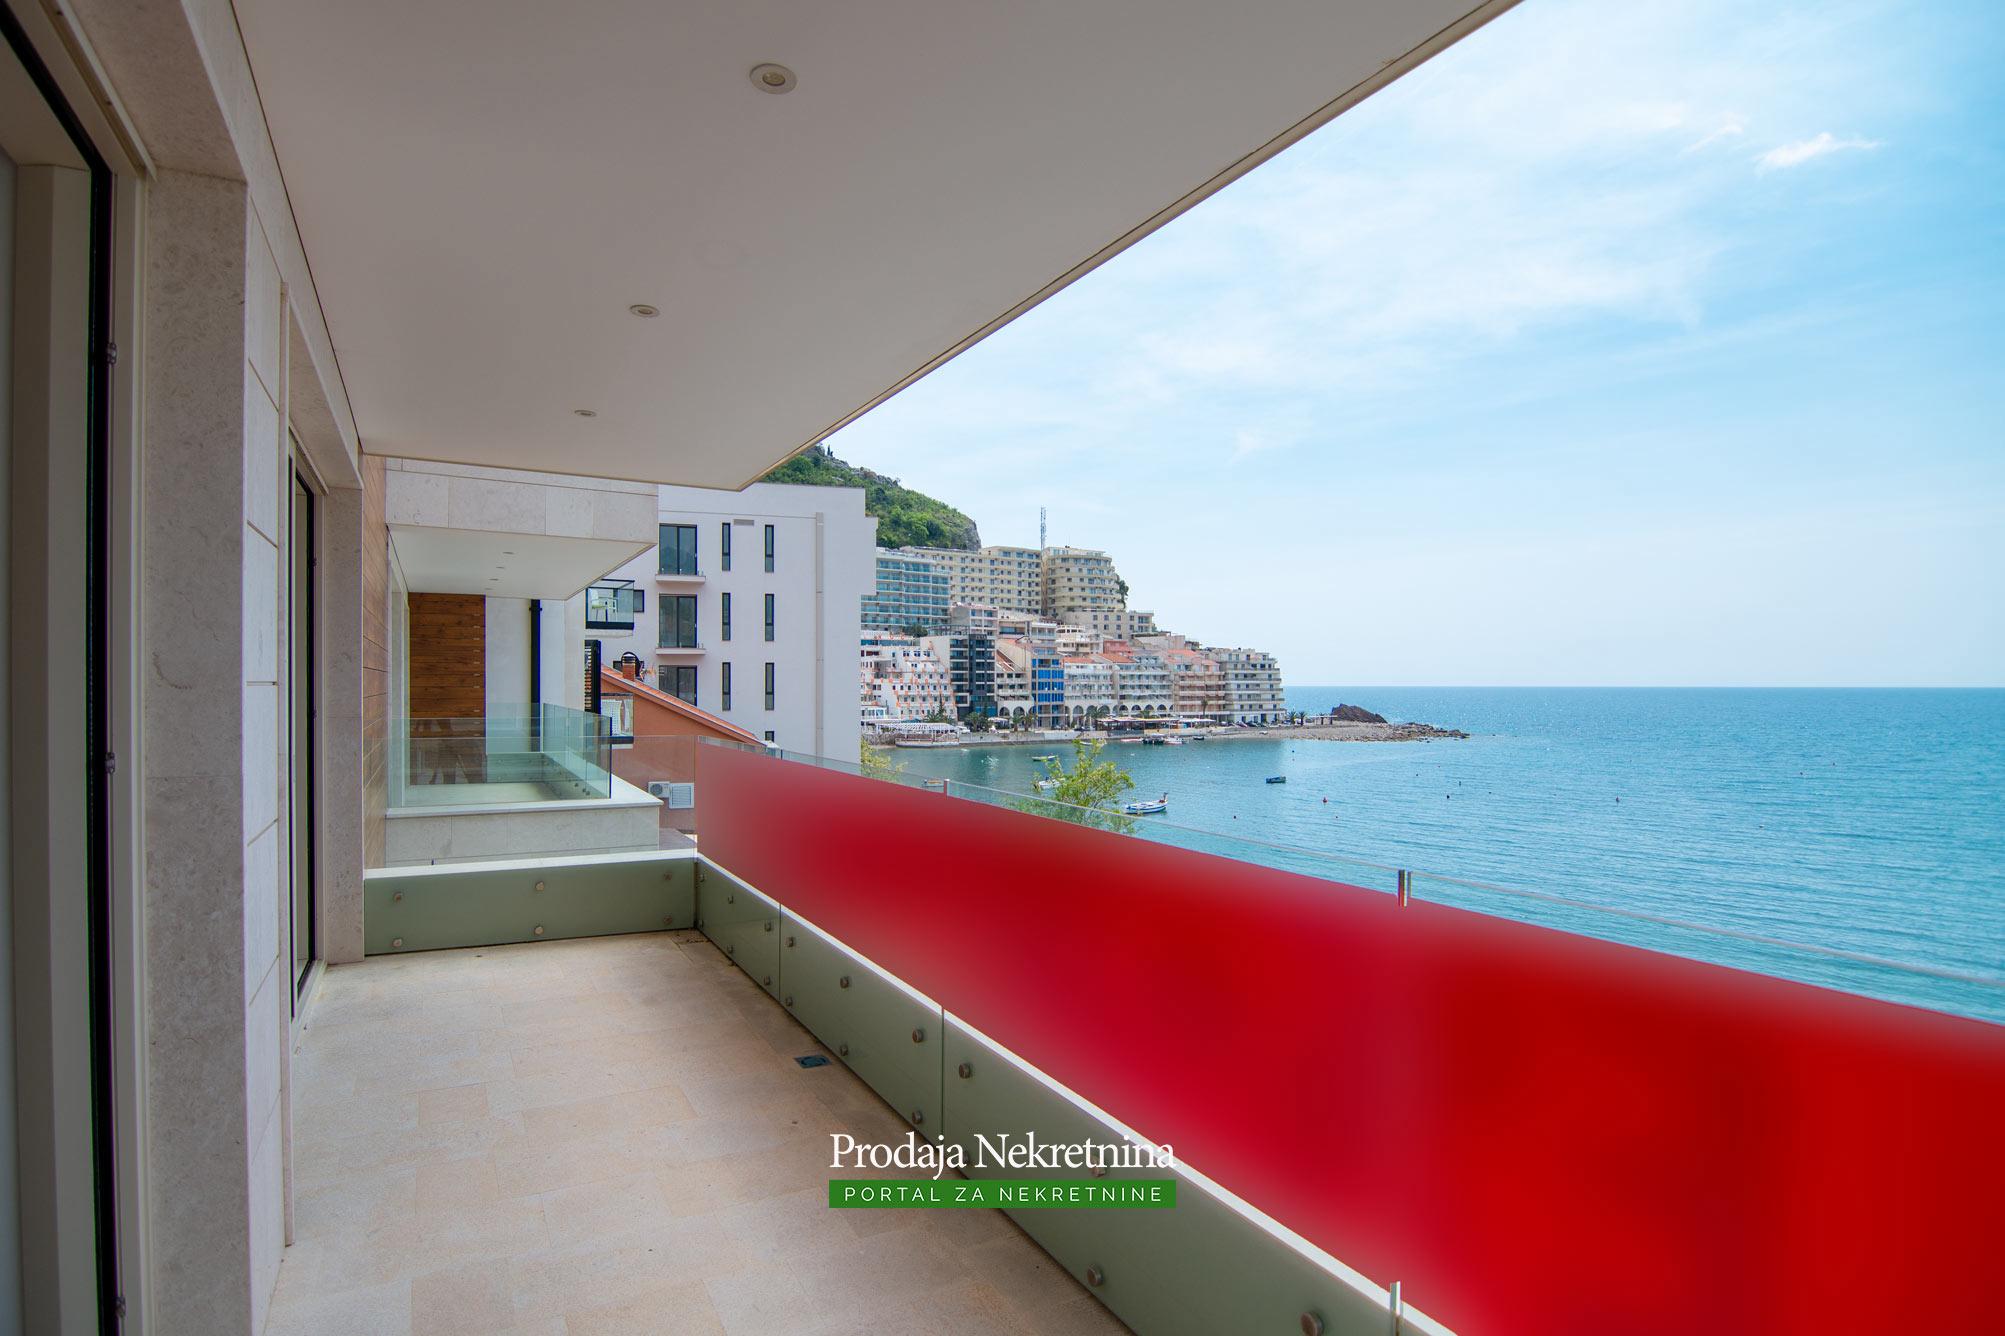 продажа апартаментов черногория